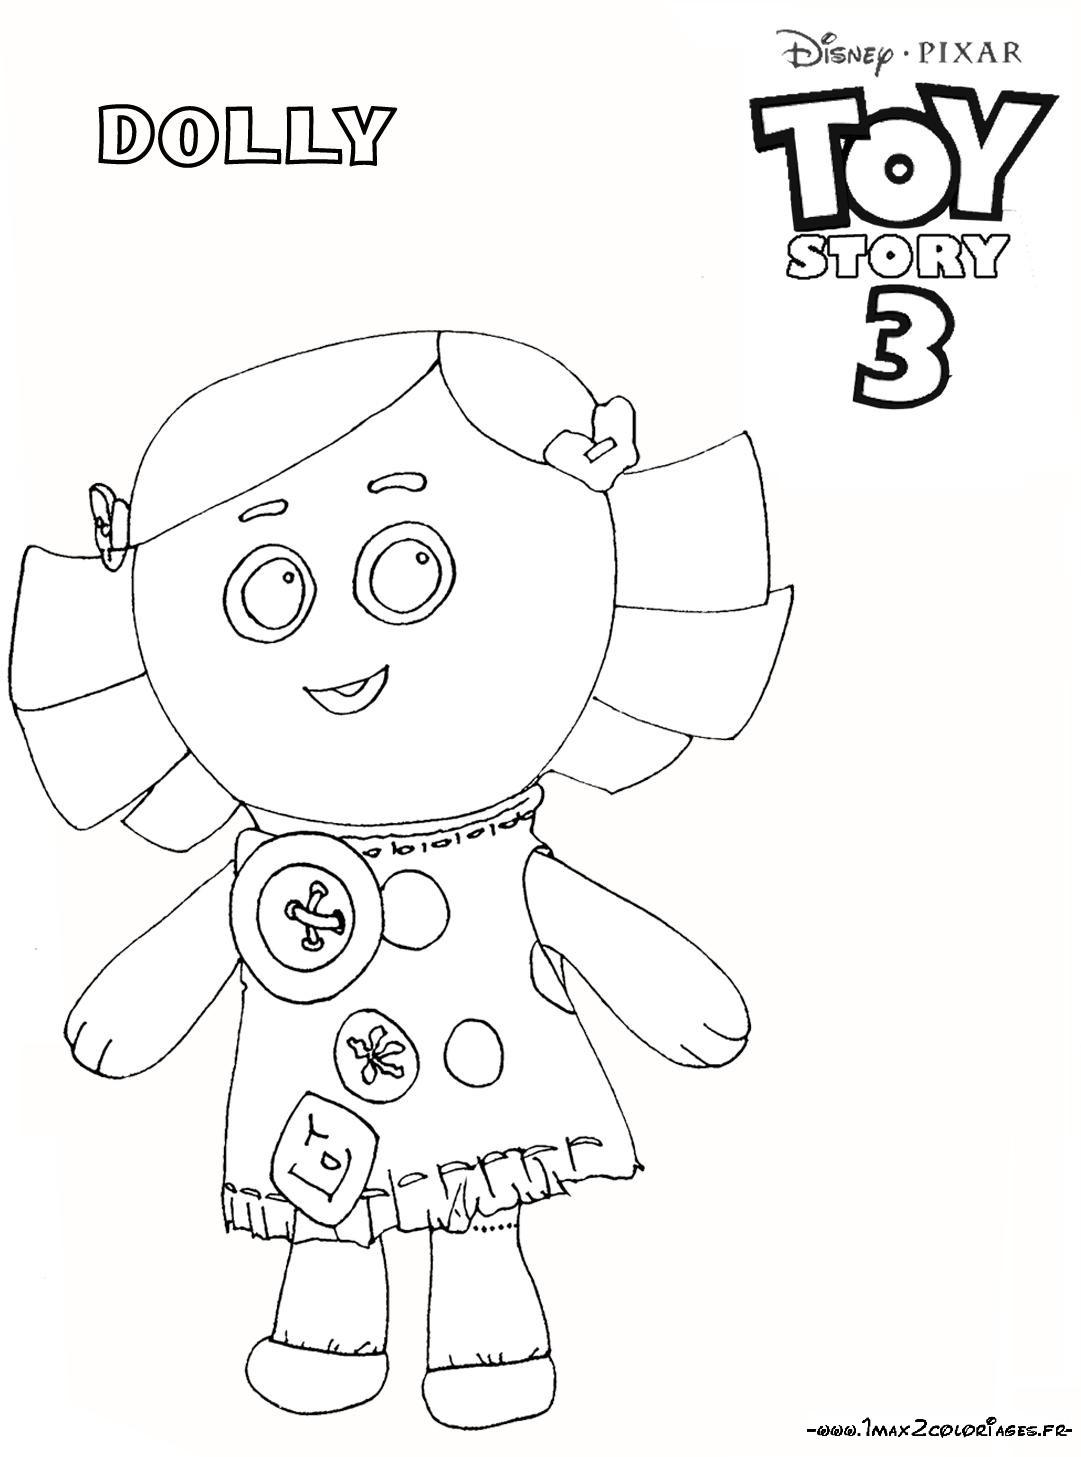 Coloriage a imprimer toy story 3 dolly la poupee gratuit - Coloriage toy story 3 ...